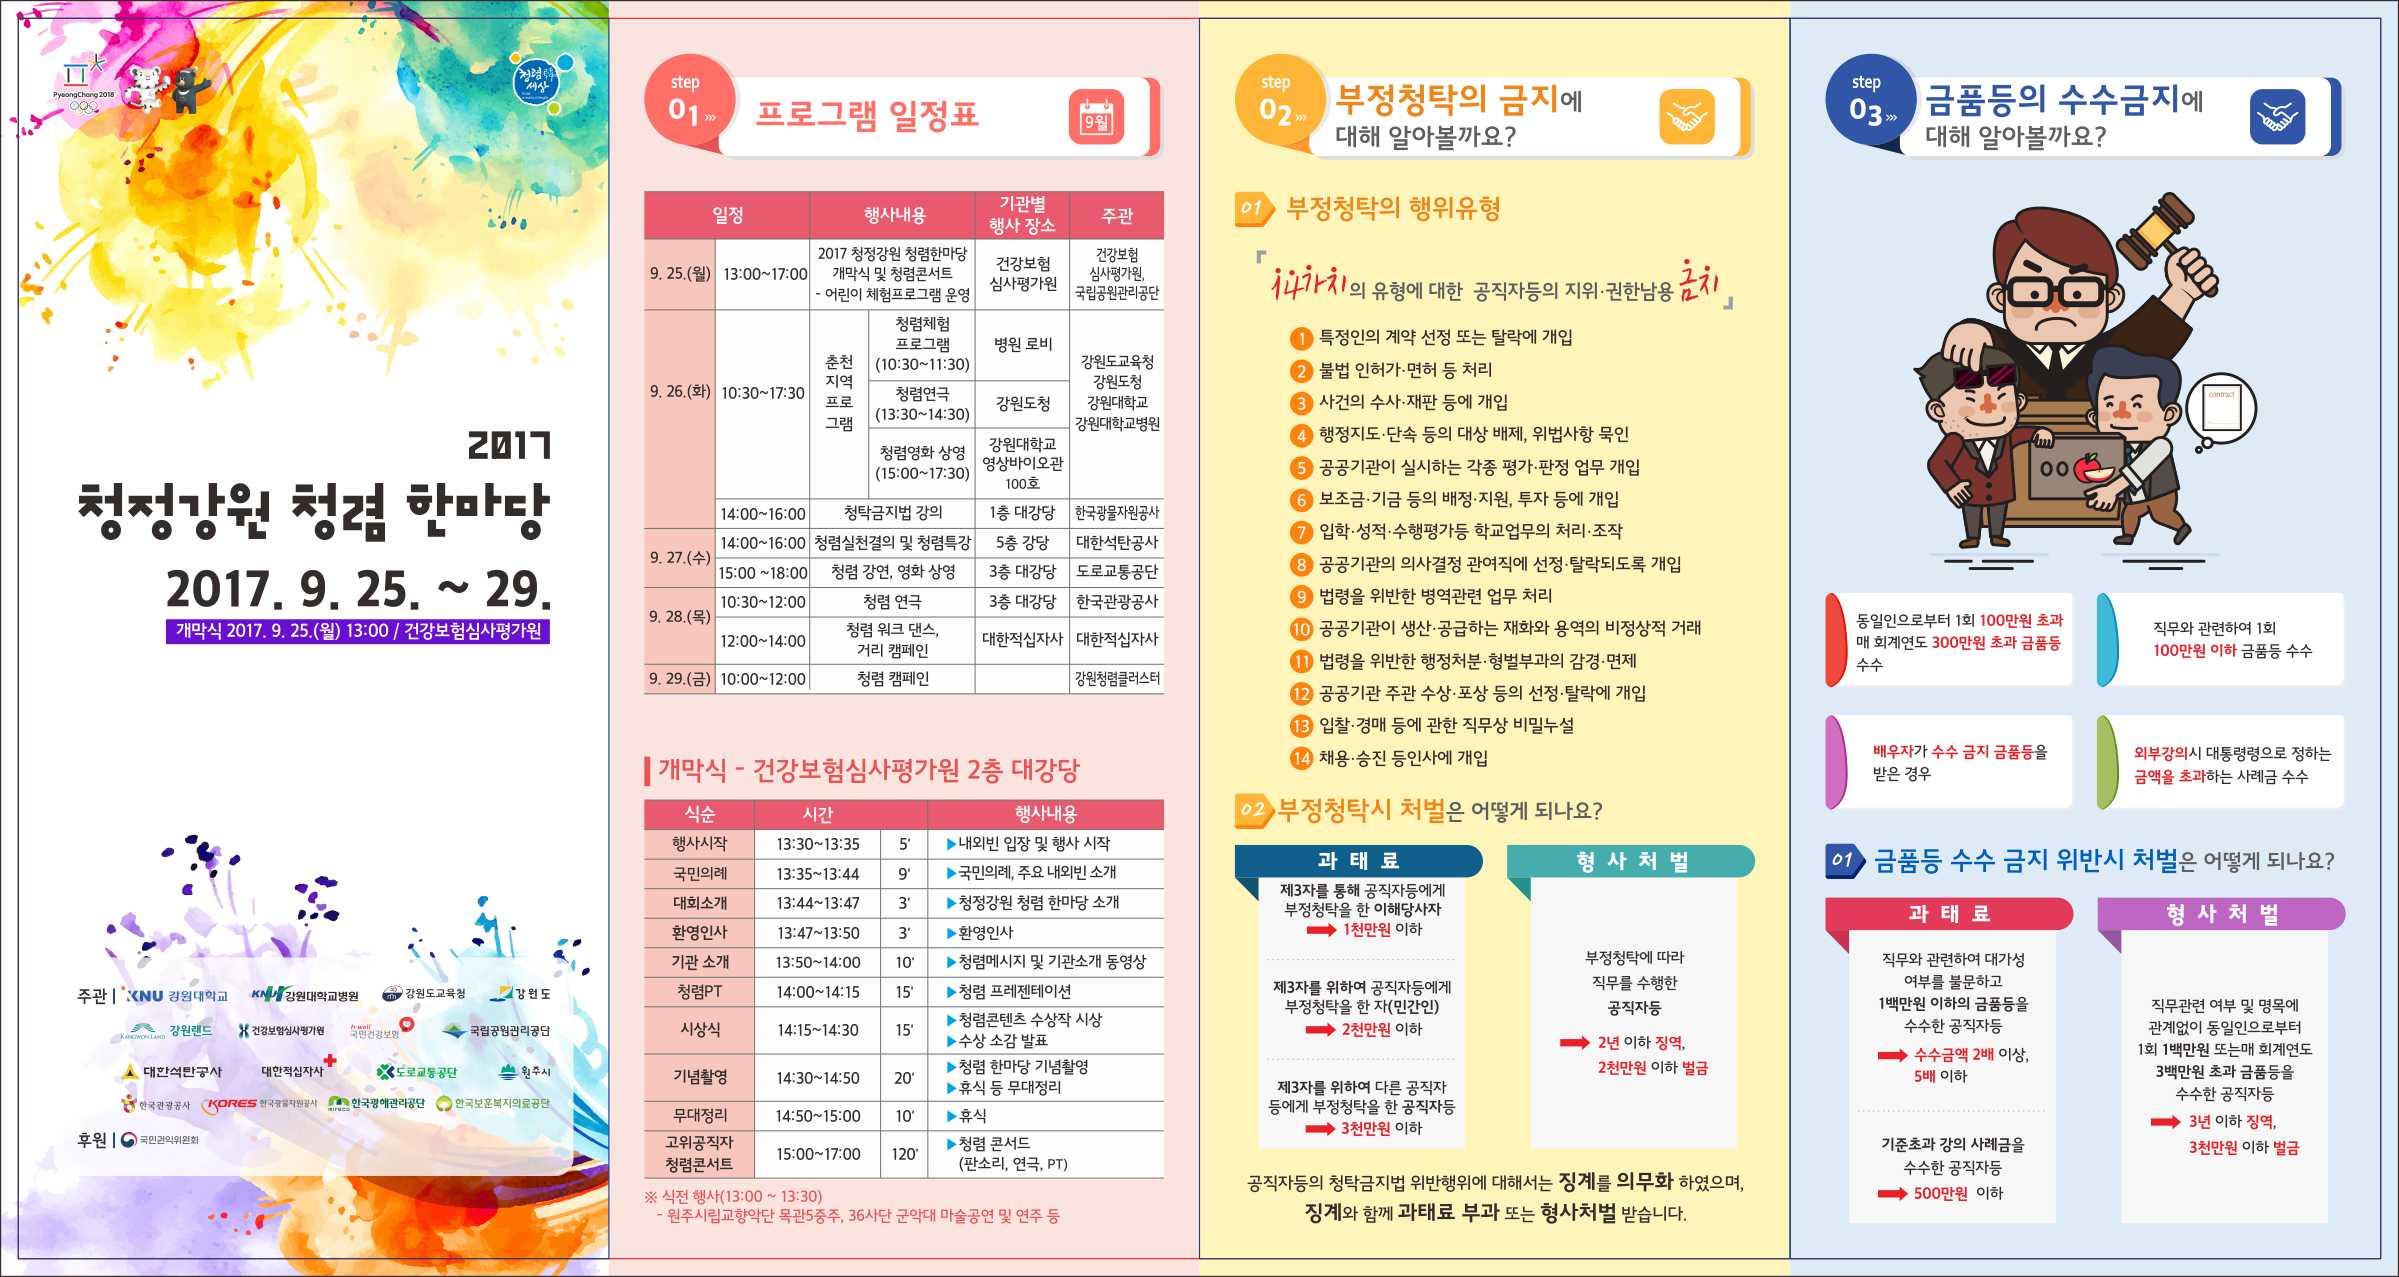 2017 청정강원 청렴 한마당 리플렛(2017.9.25~29) 개막식 2017.9.25(월) 13:00/ 건강보험심사평가원